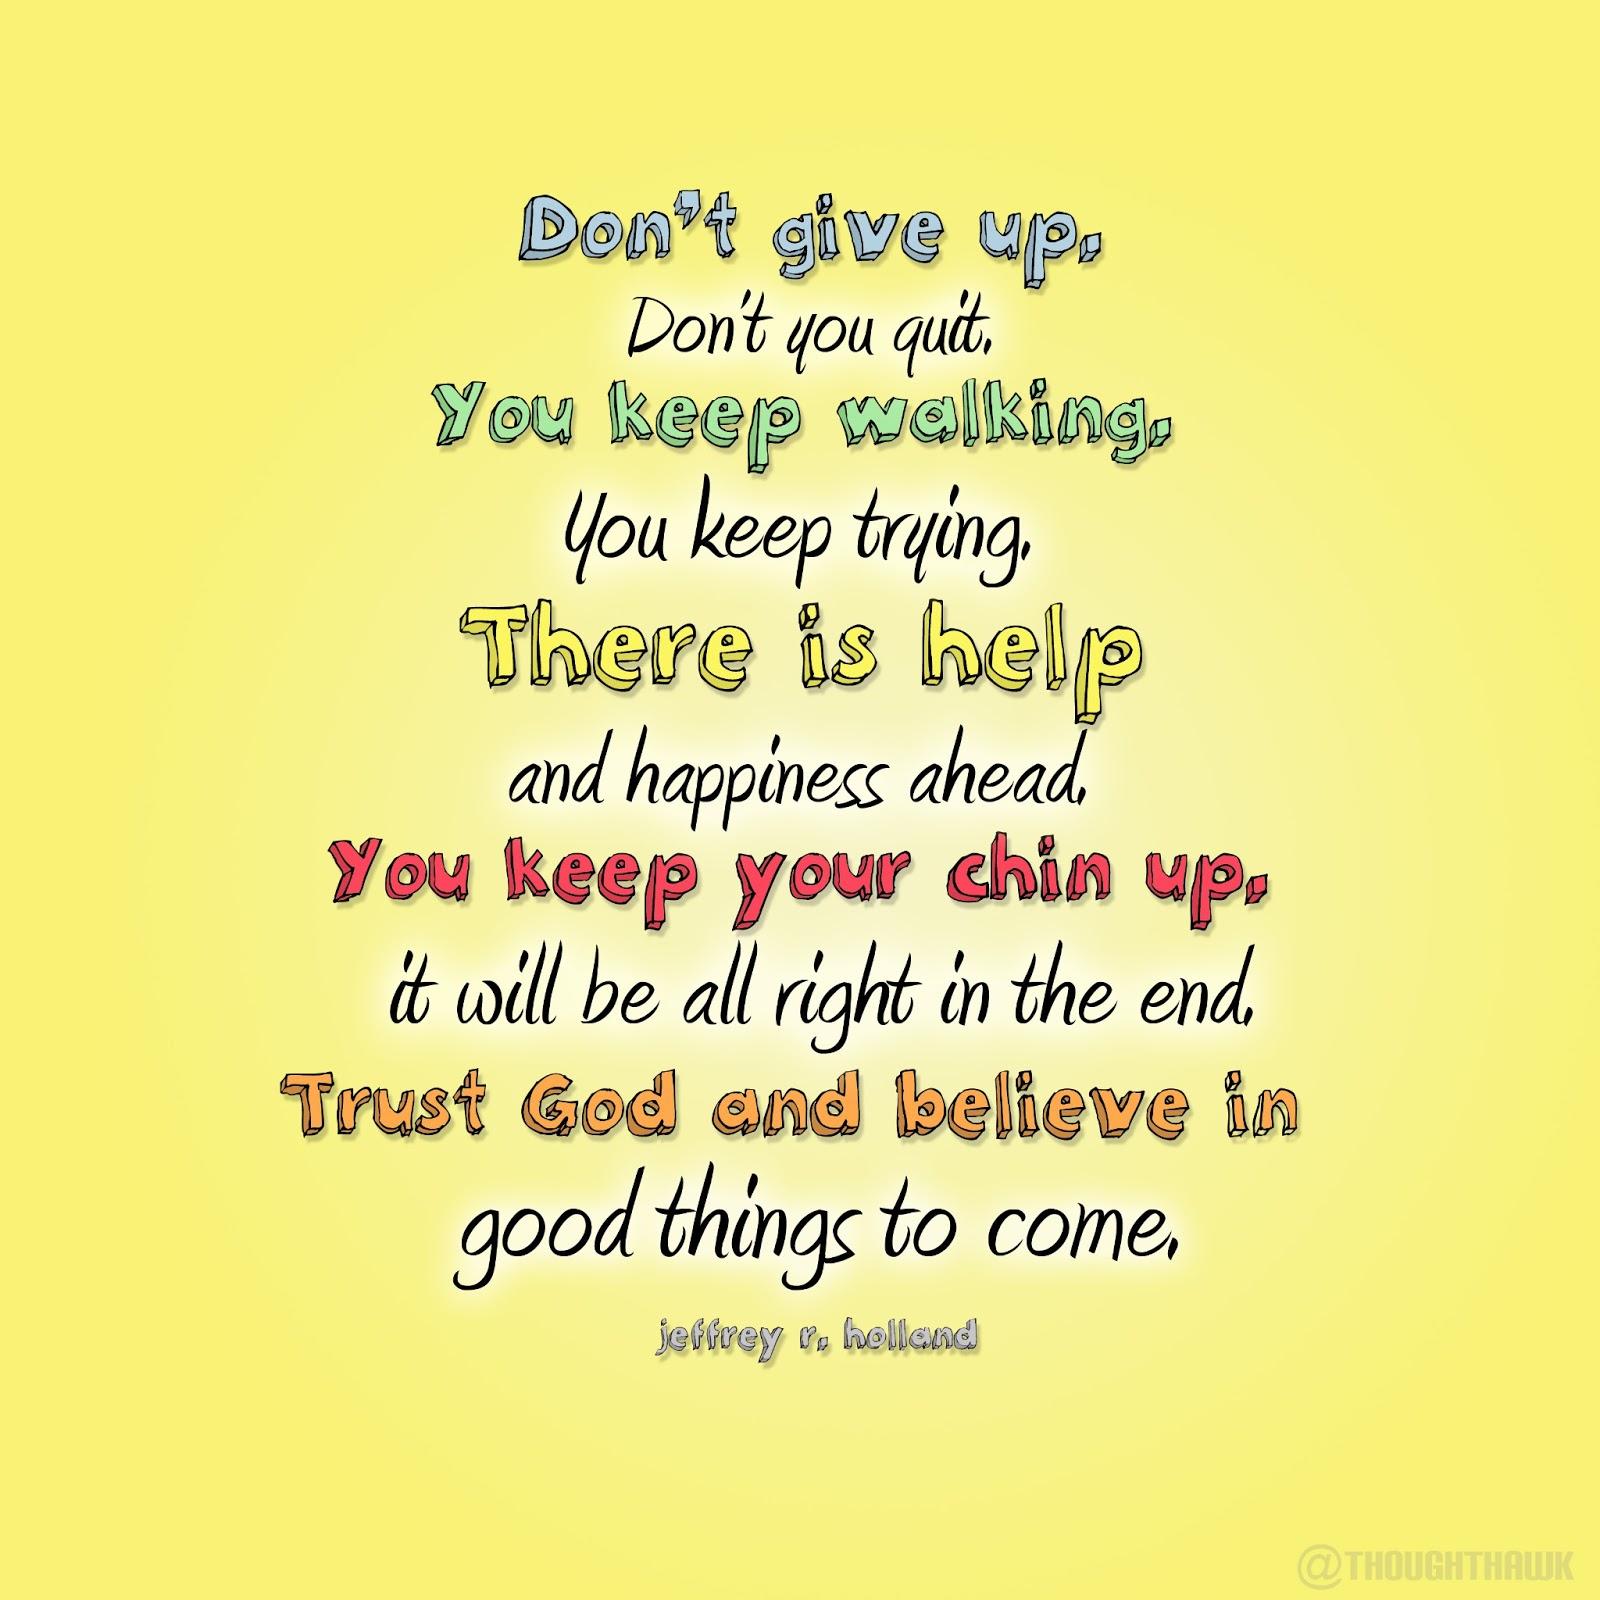 Come quote #1